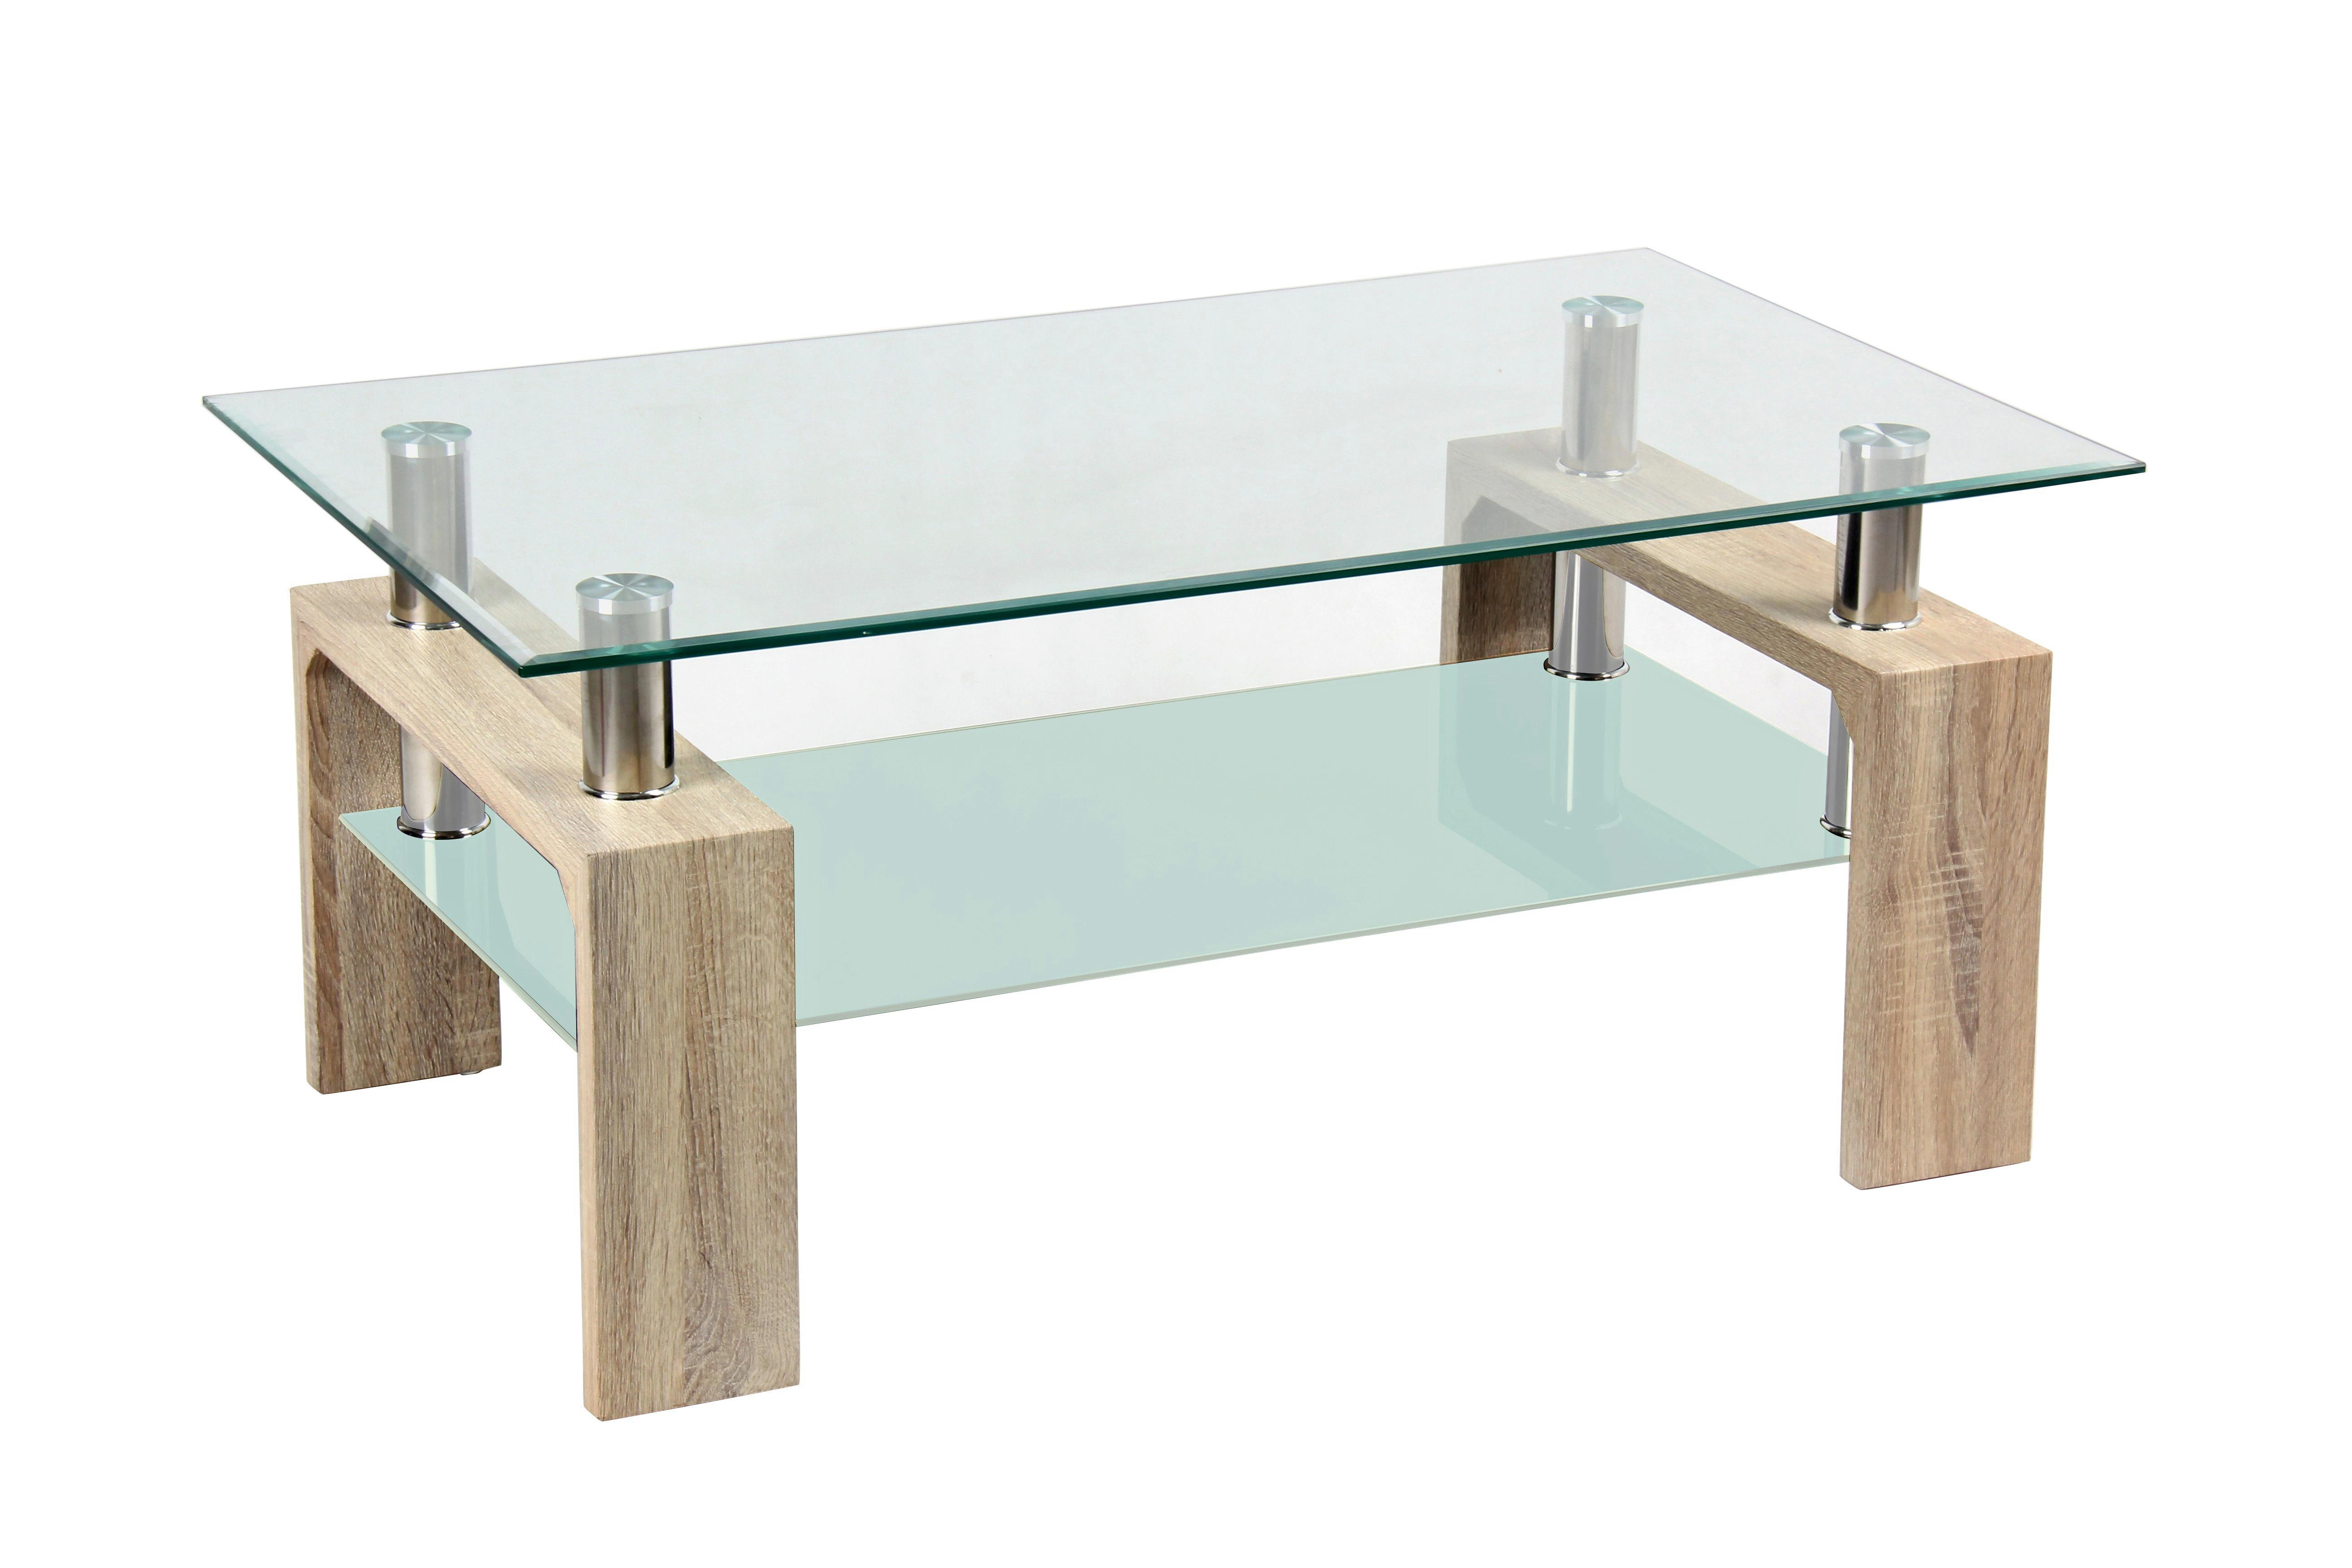 couchtisch wildeiche glas gallery of couchtisch wildeiche glas with couchtisch wildeiche glas. Black Bedroom Furniture Sets. Home Design Ideas